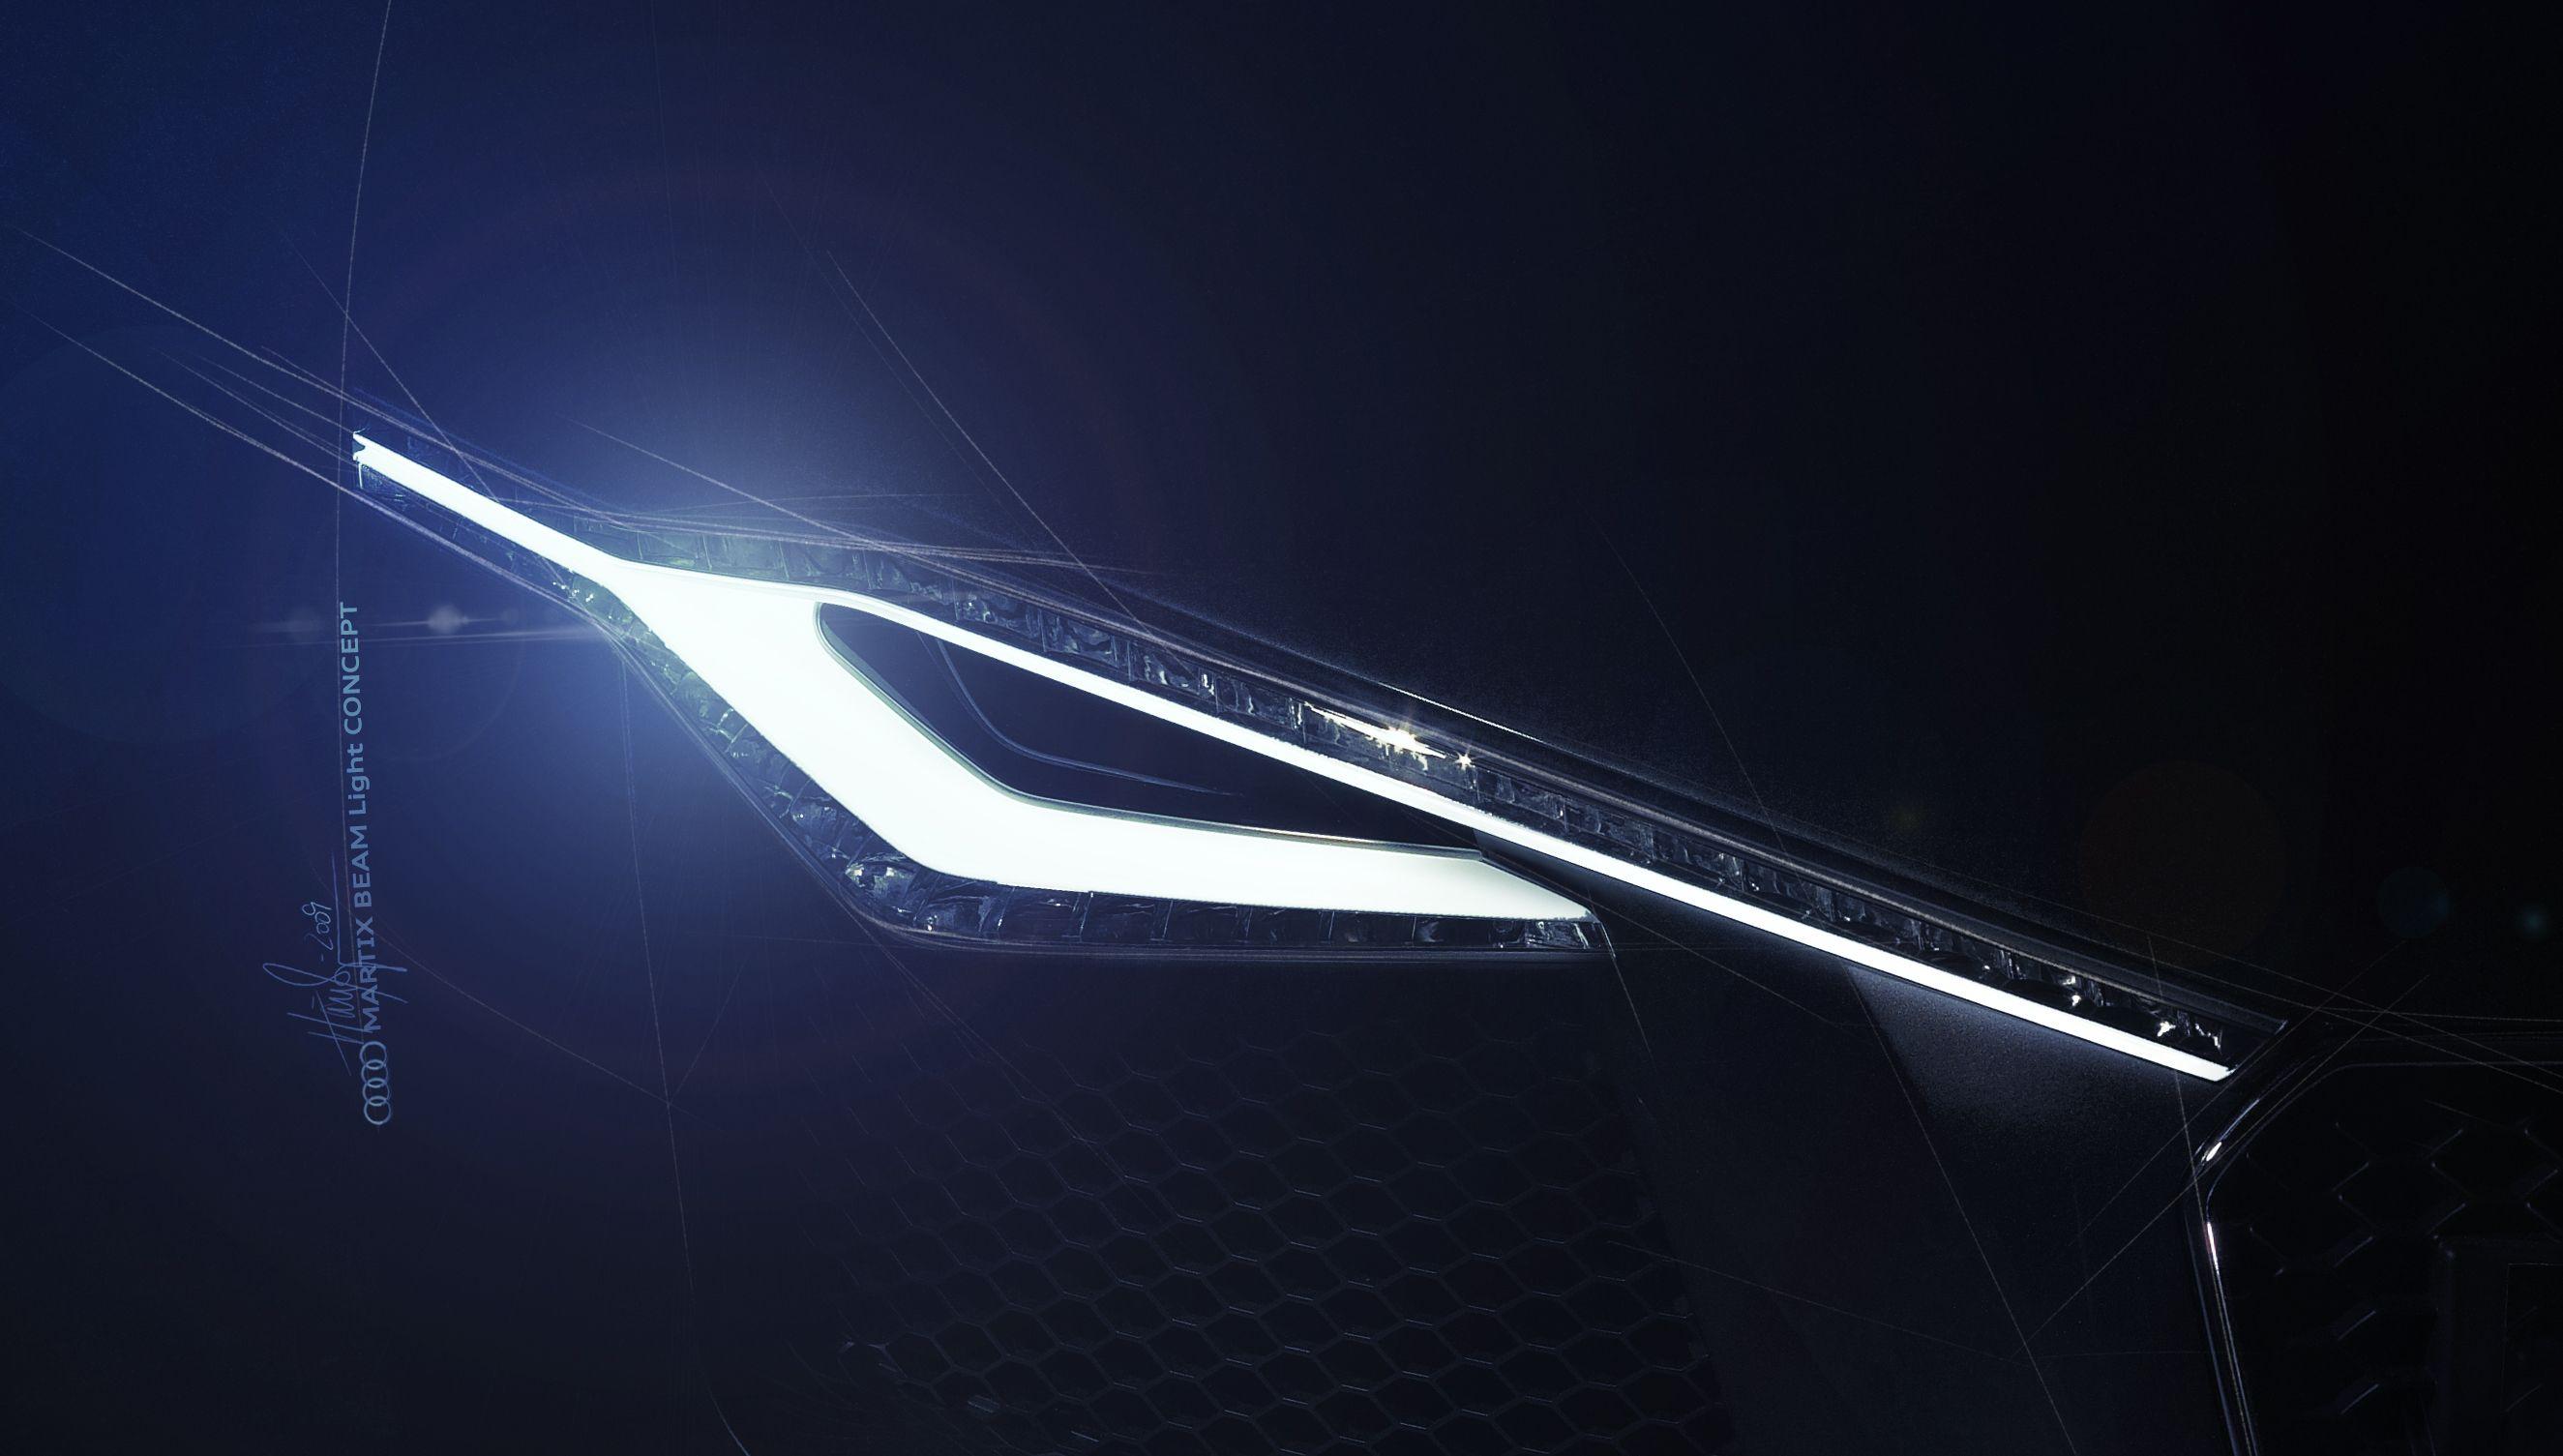 AUDI Matrix Beam Light Concept & AUDI Matrix Beam Light Concept   AUDI Lighting Design Sketch ... azcodes.com